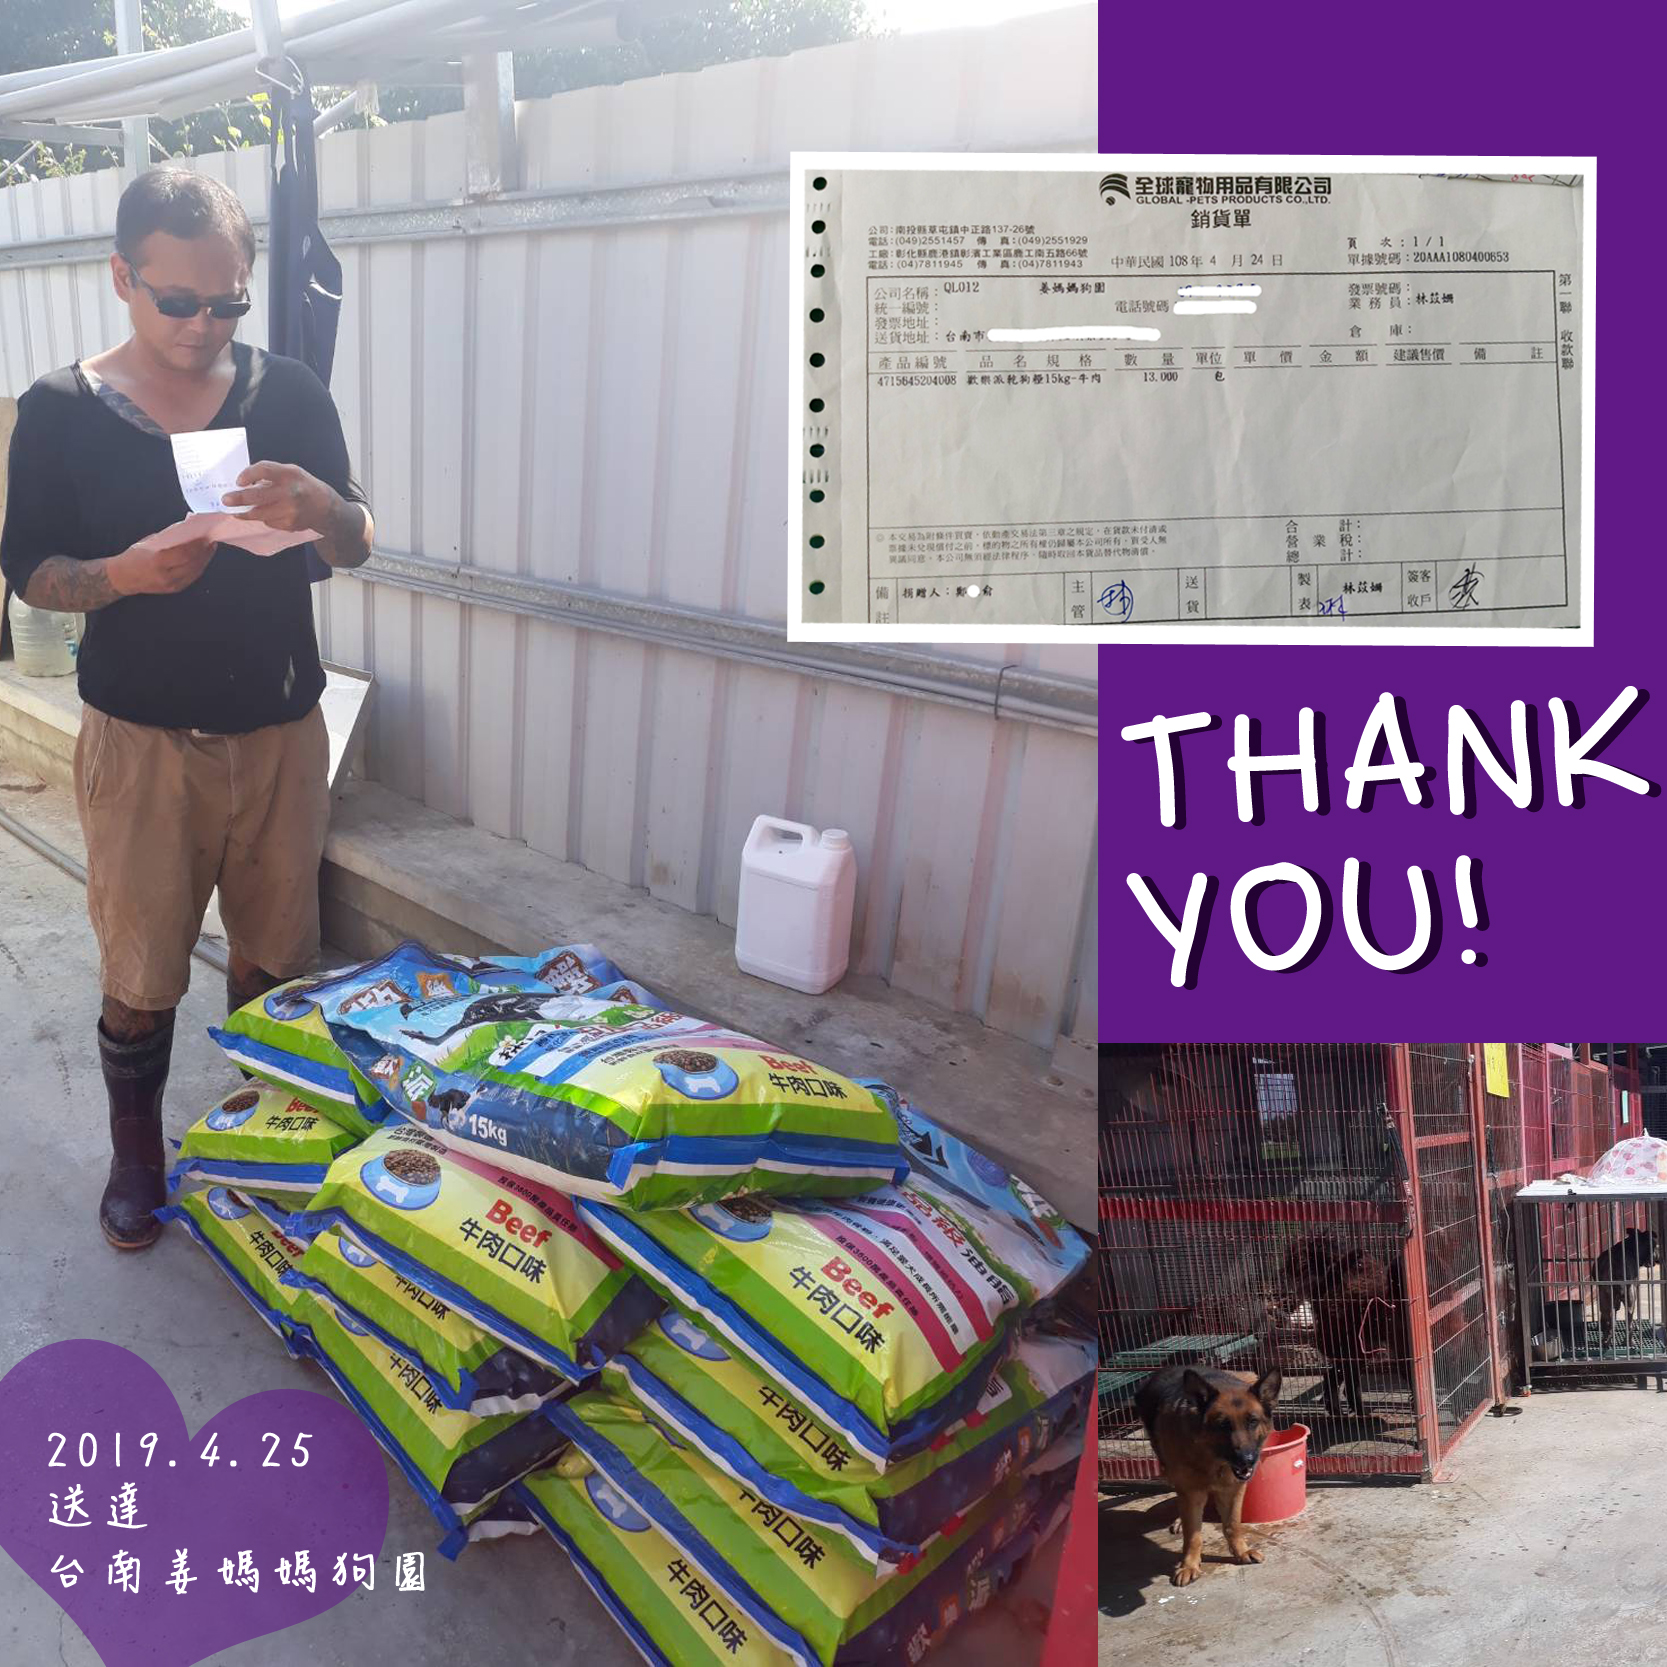 愛心捐贈飼料 歡樂派乾狗糧15公斤量飯包│已送達台南姜媽媽狗園